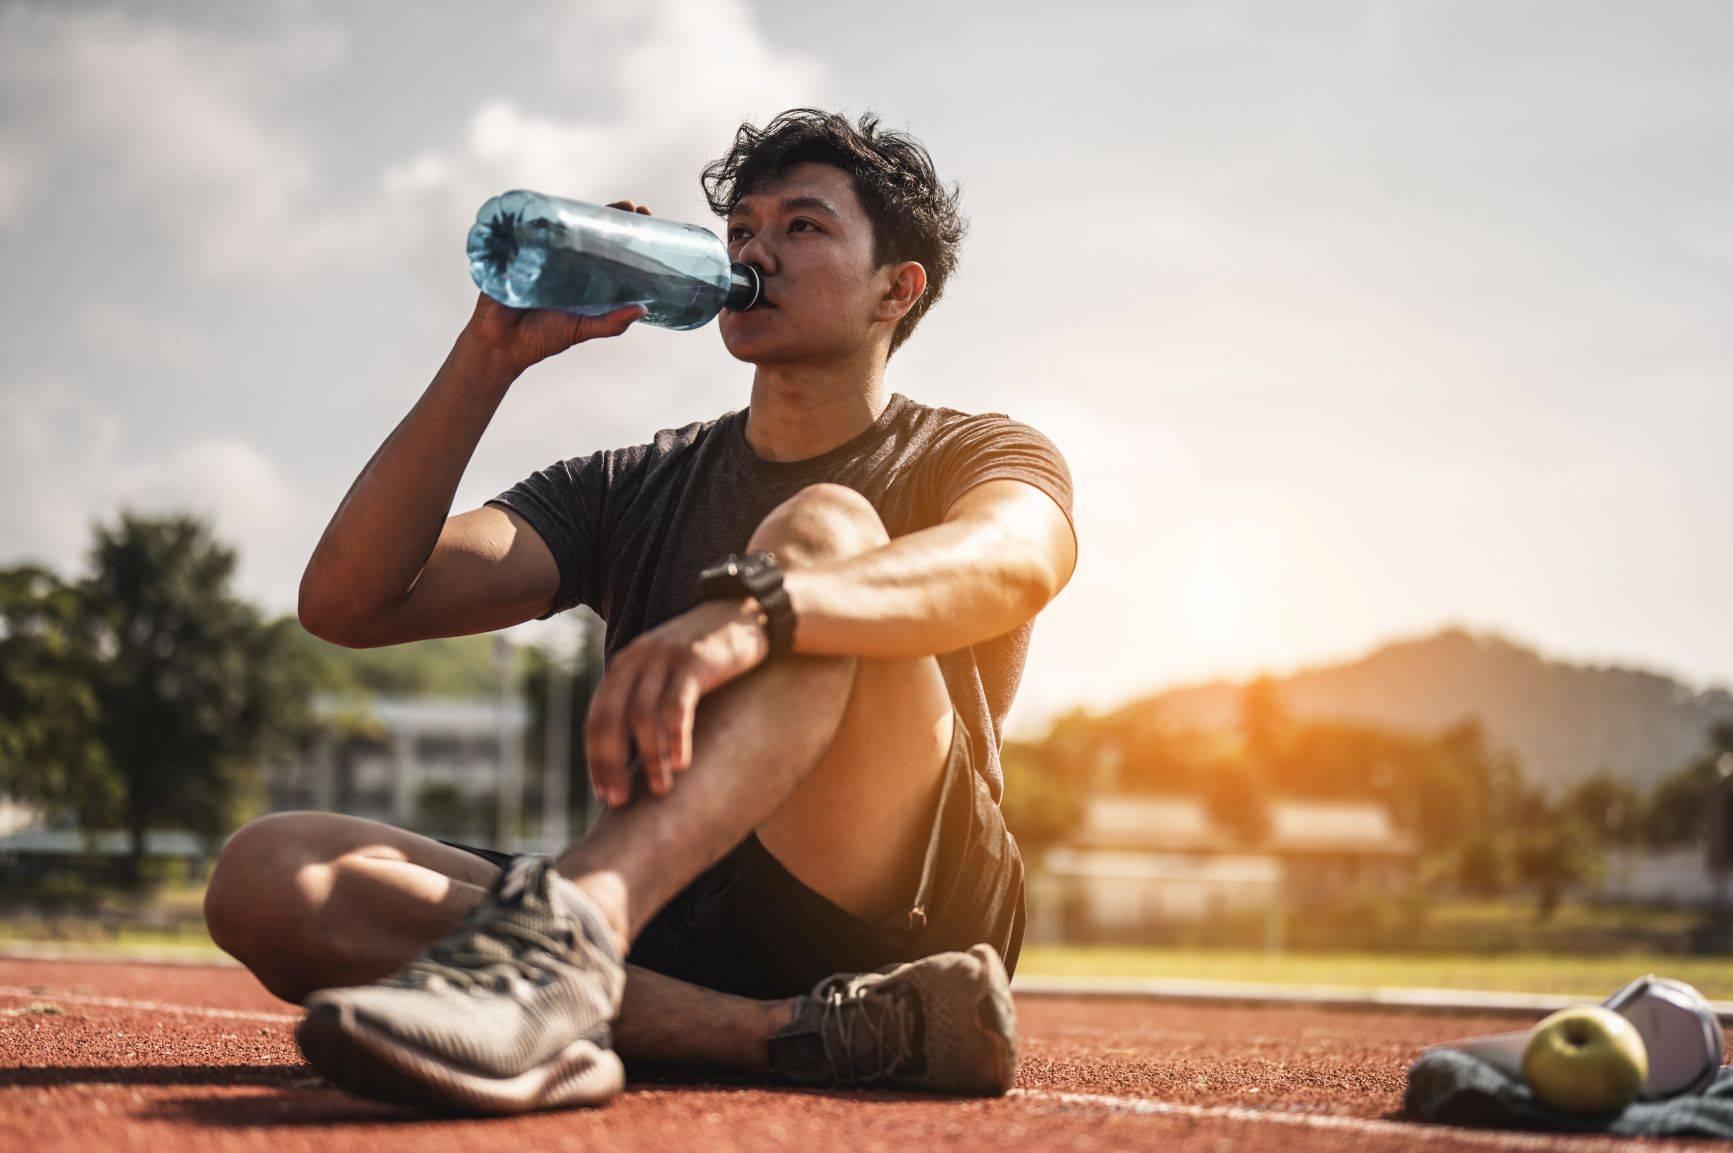 Aktywność fizyczna wpływa korzystnie na pracę mózgu.